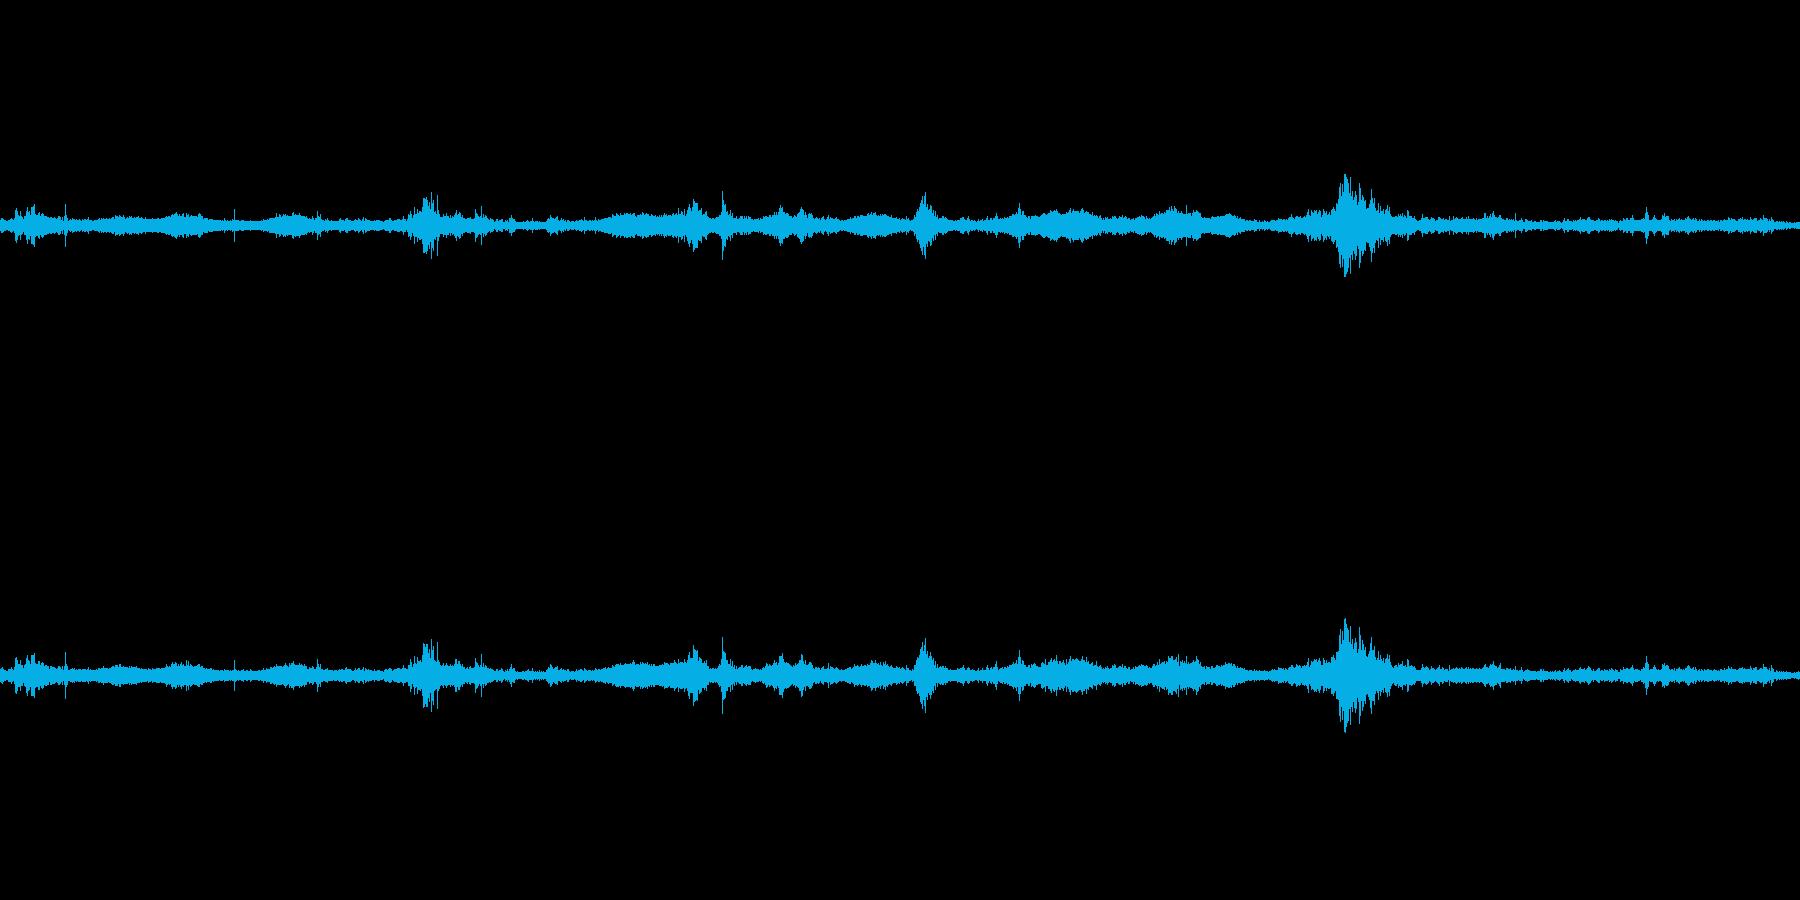 【生音】雷雨11 - 雨と雷と通行音 …の再生済みの波形